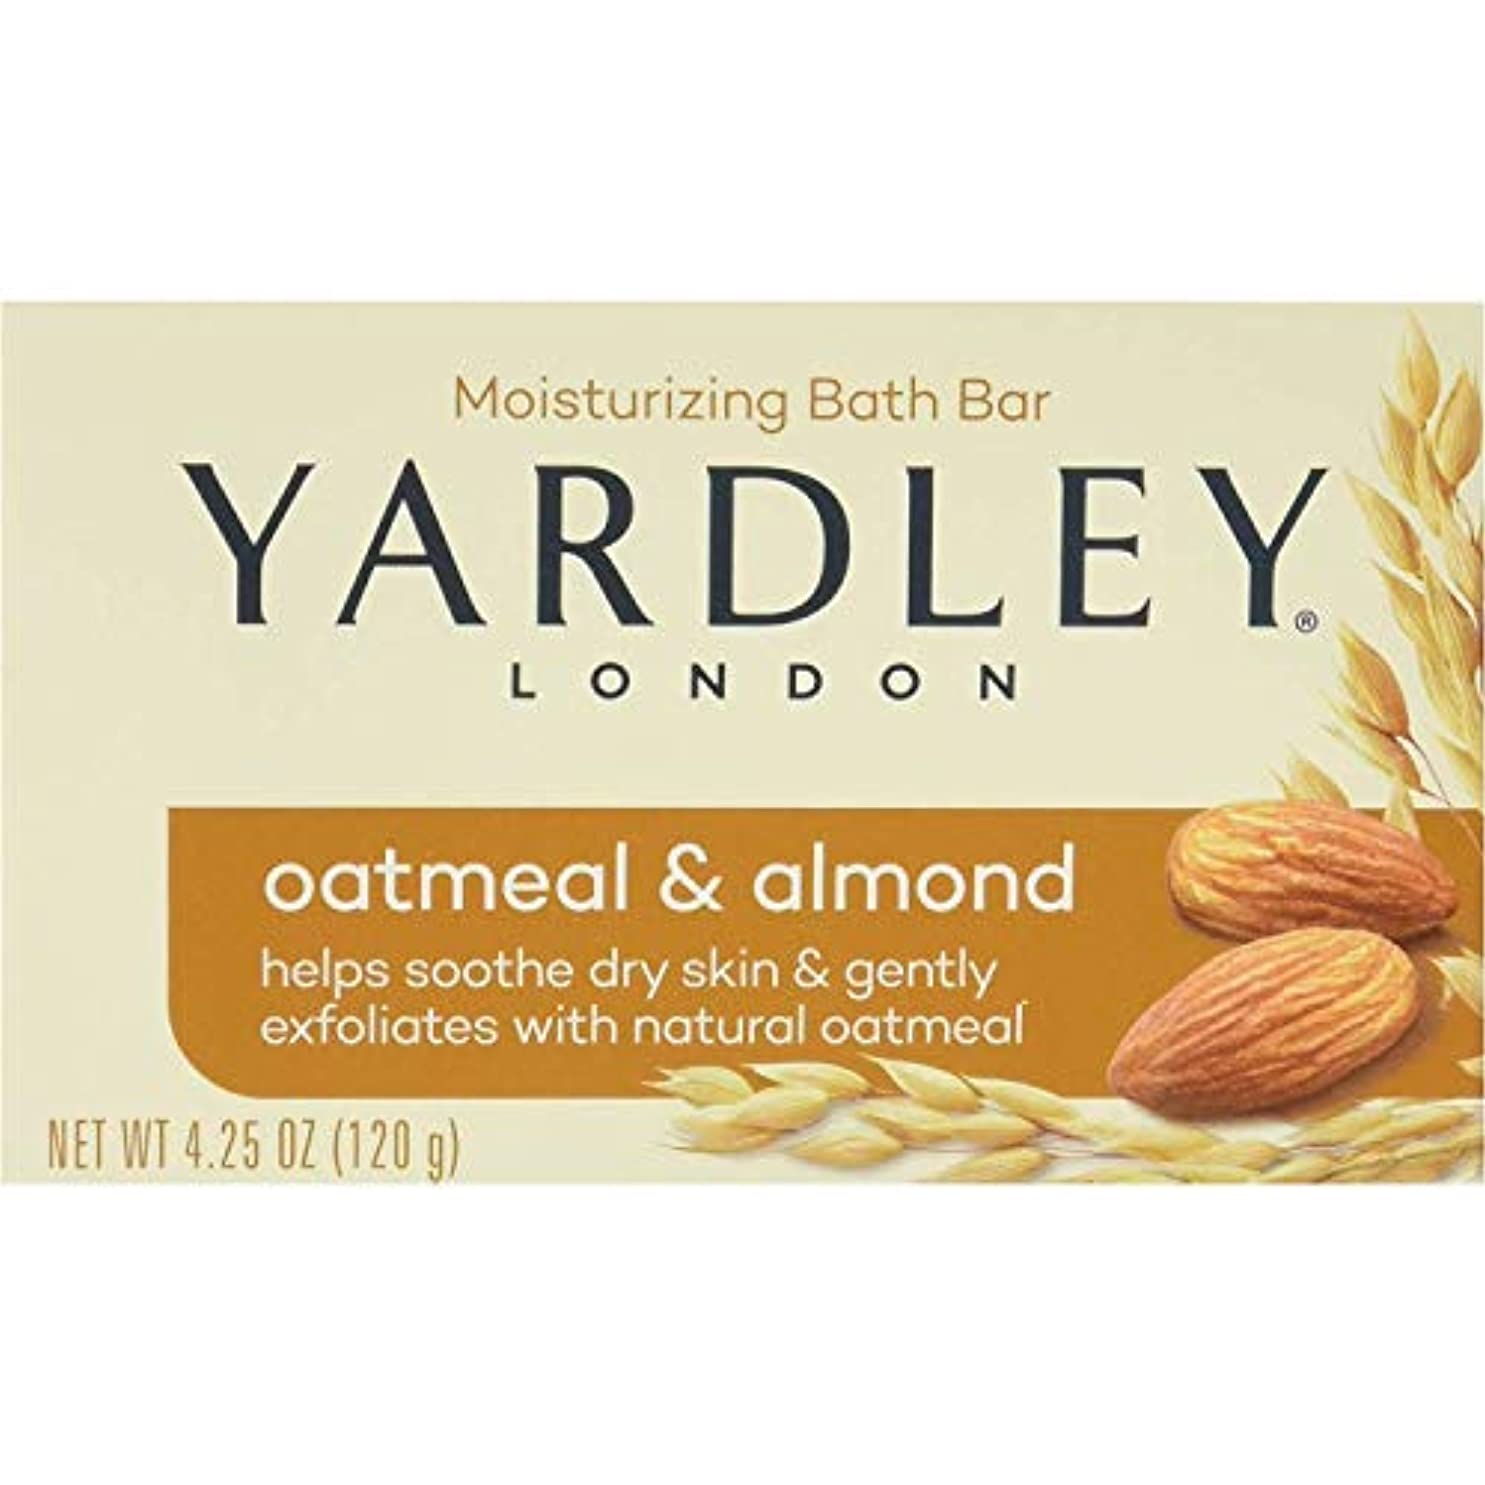 自治バウンド征服するYardley オートミールとアーモンド石鹸、4.25オズ。 20本のバー